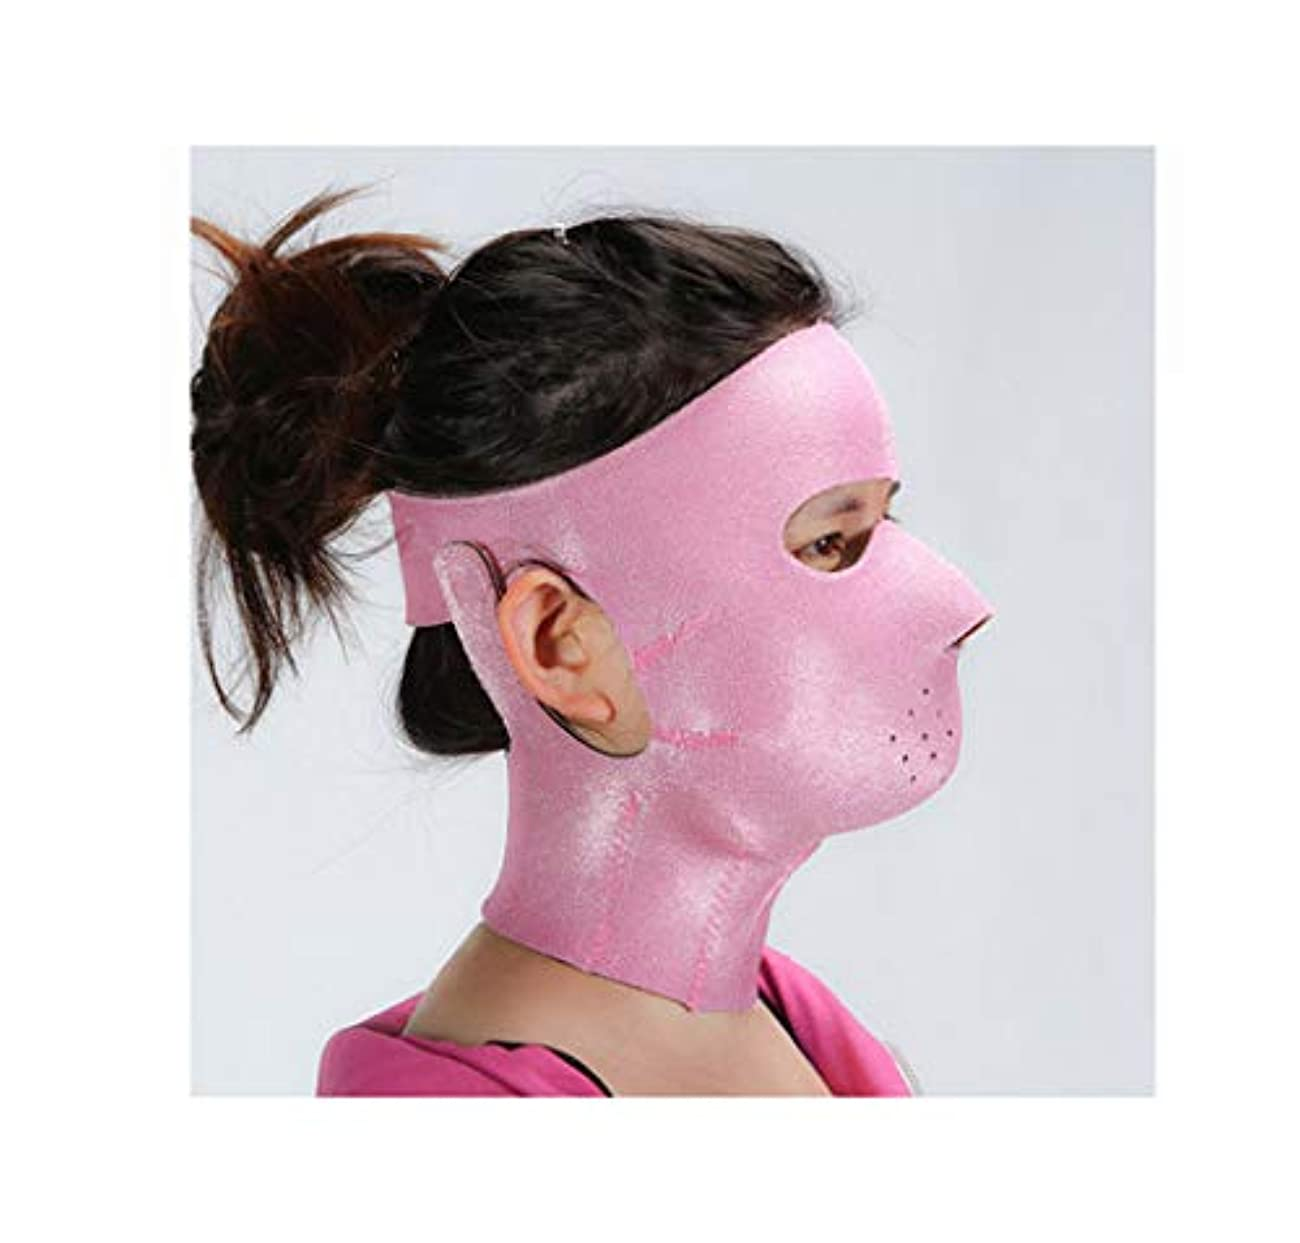 あごひげ摂動直径フェイスリフトマスク、フェイシャルマスクプラス薄いフェイスマスクタイトアンチたるみシンフェイスマスクフェイシャル薄いフェイスマスクアーティファクトビューティーネックストラップ付き